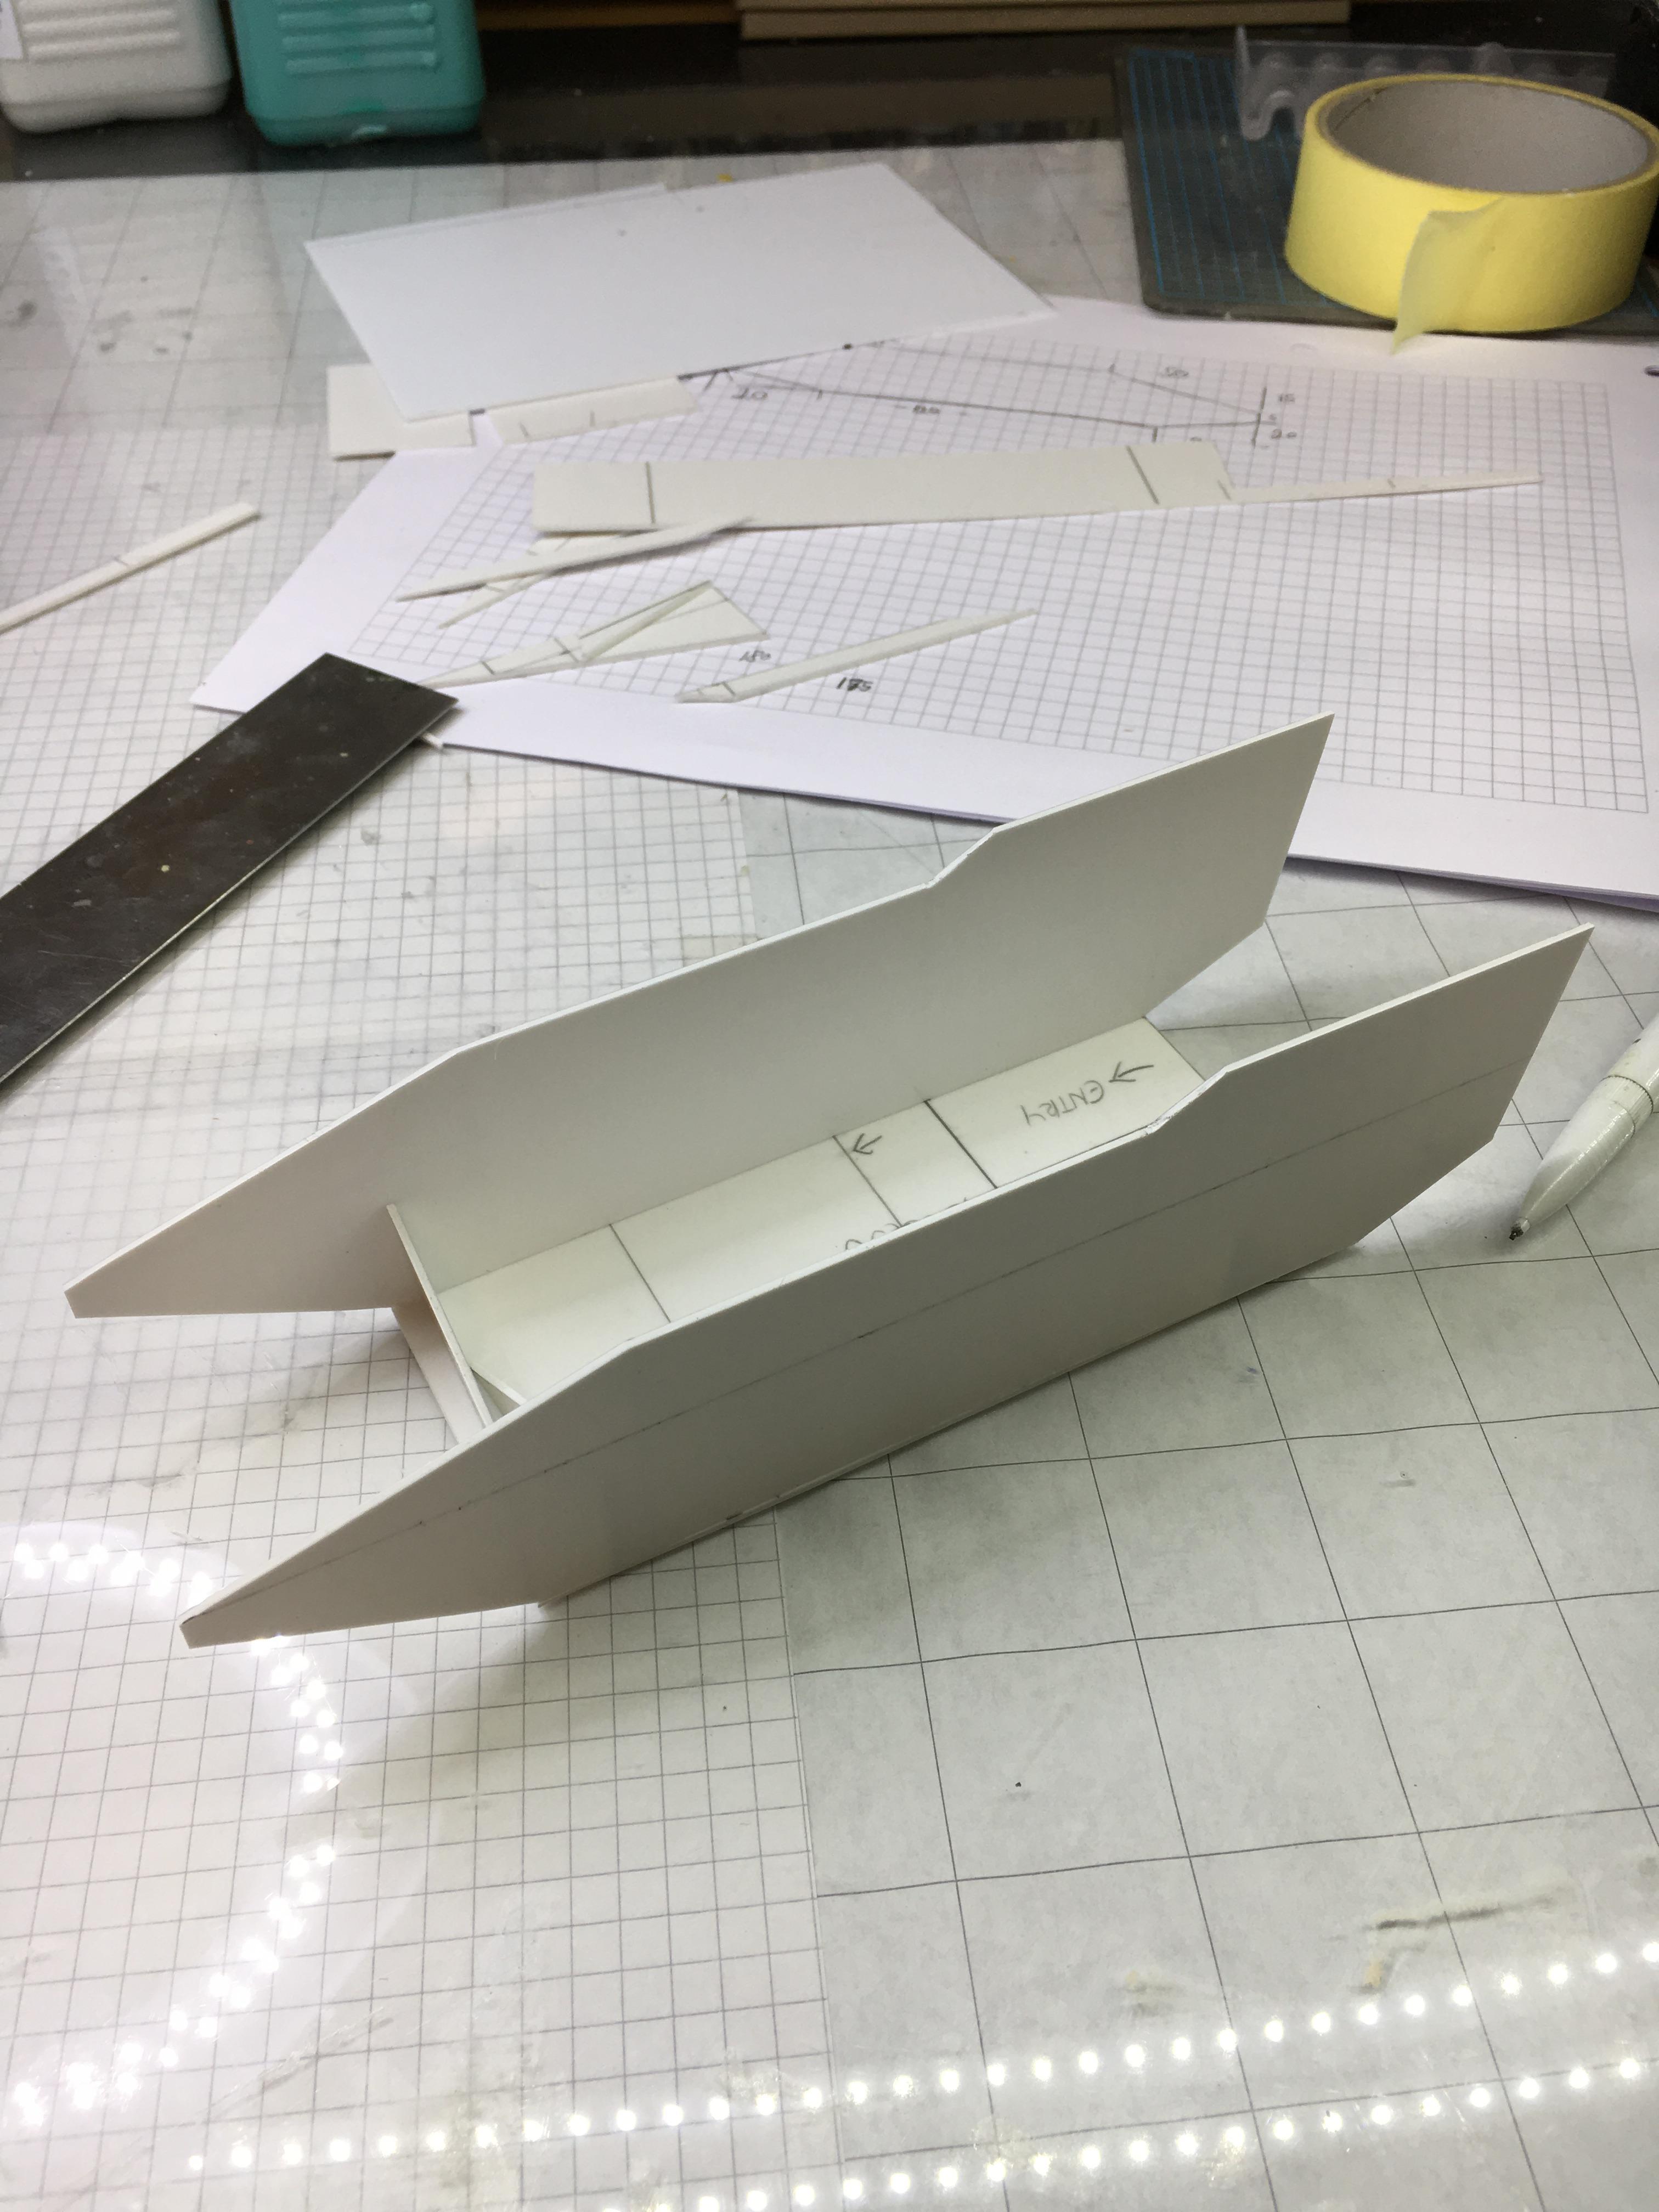 basic hull